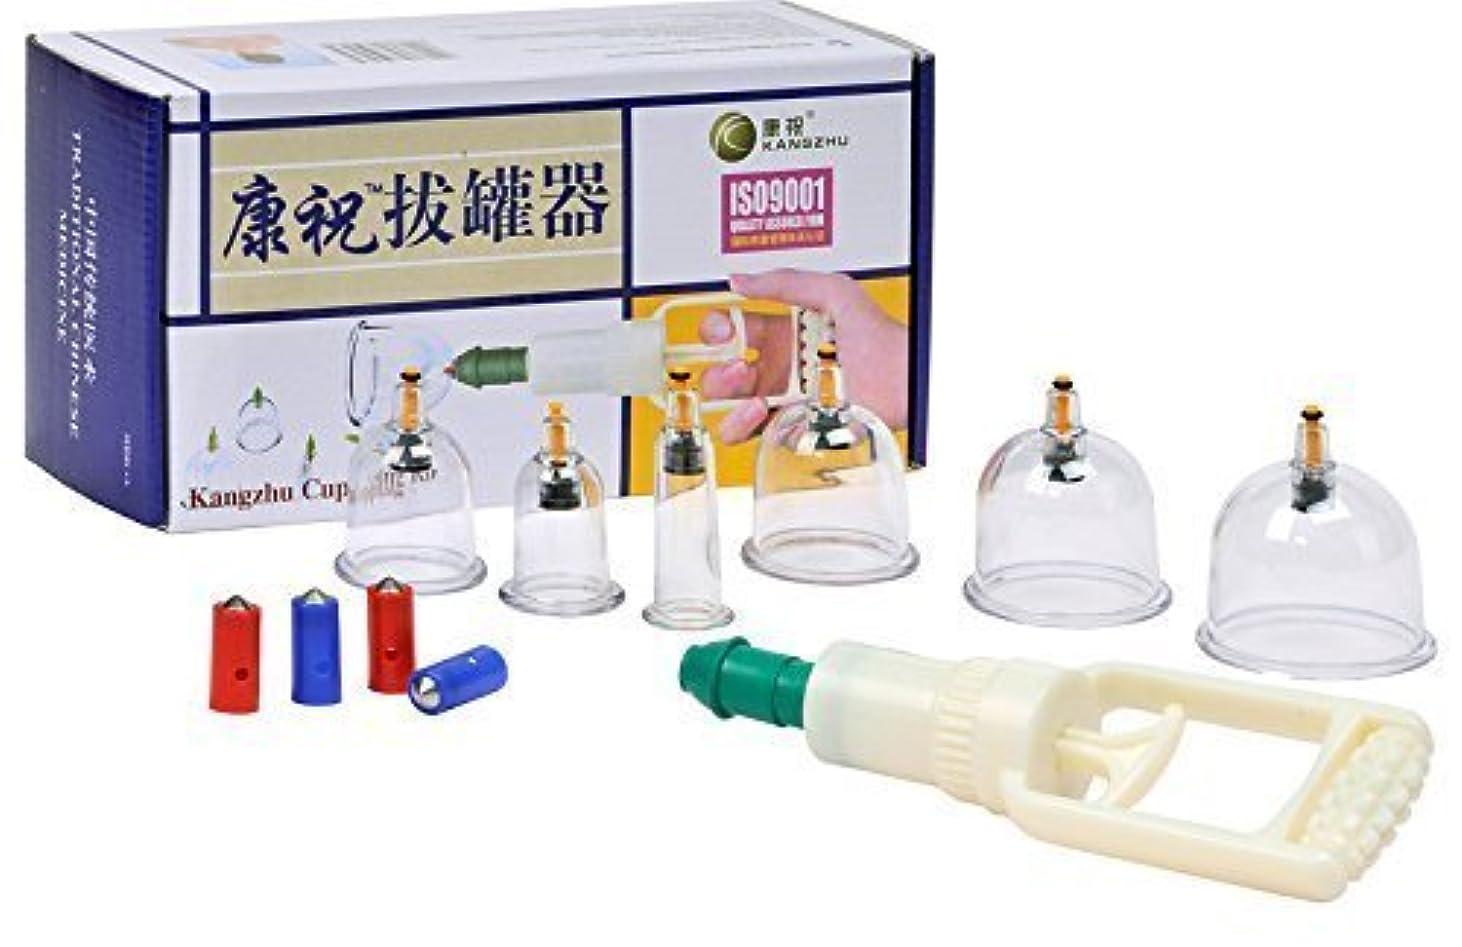 偏見罪人宣伝SHINA 6個カップ 1個カッピング器 吸い玉カップ カッピング 中国伝統の健康法 肩こり、 ダイエットなどに有効 肩 背中 腰 カッピングセット プラスチック製 自分で手軽に操作できる